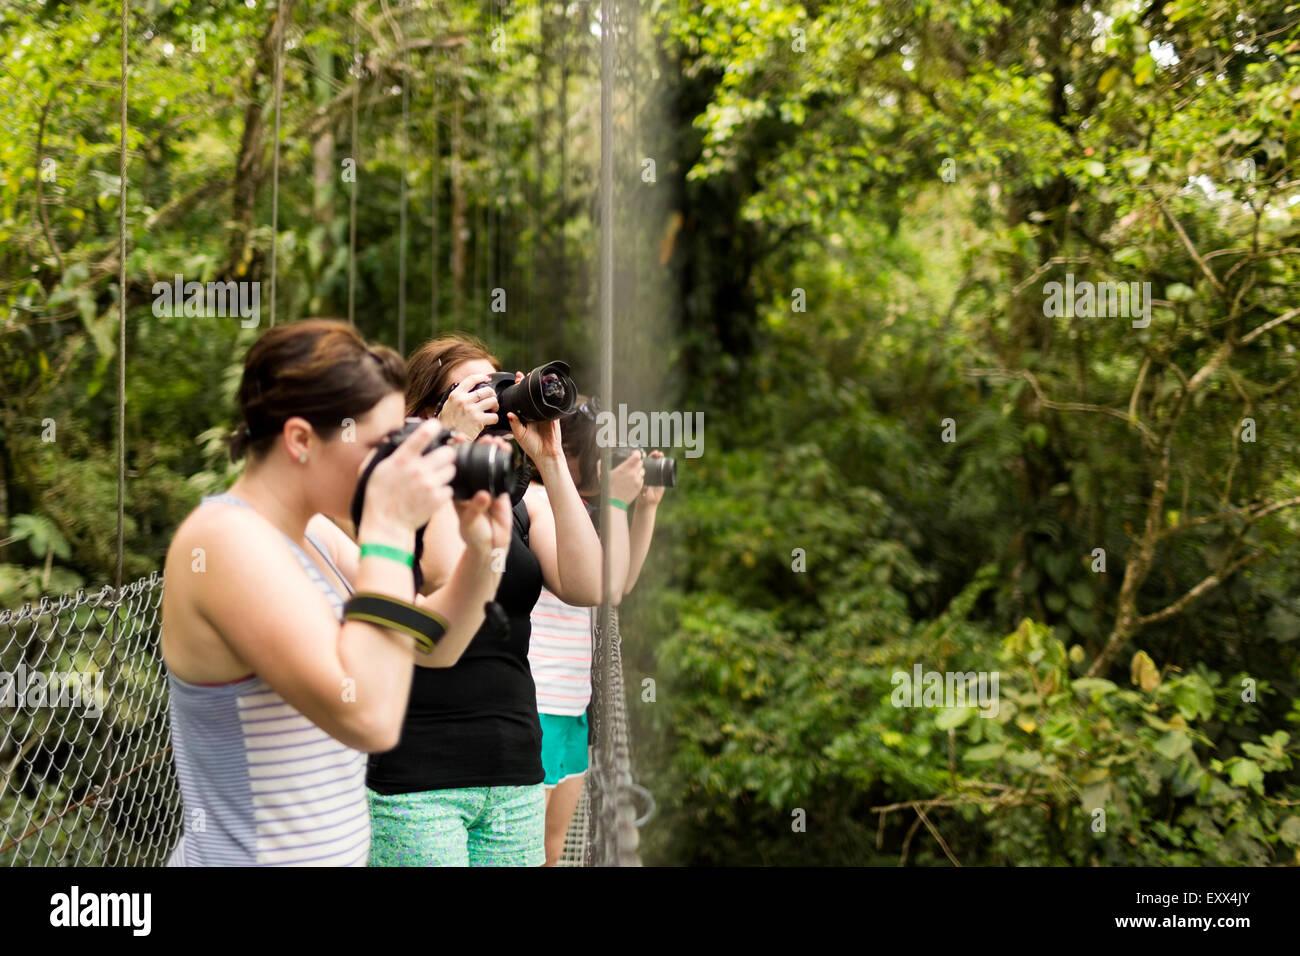 Le giovani donne a fotografare in foresta Immagini Stock